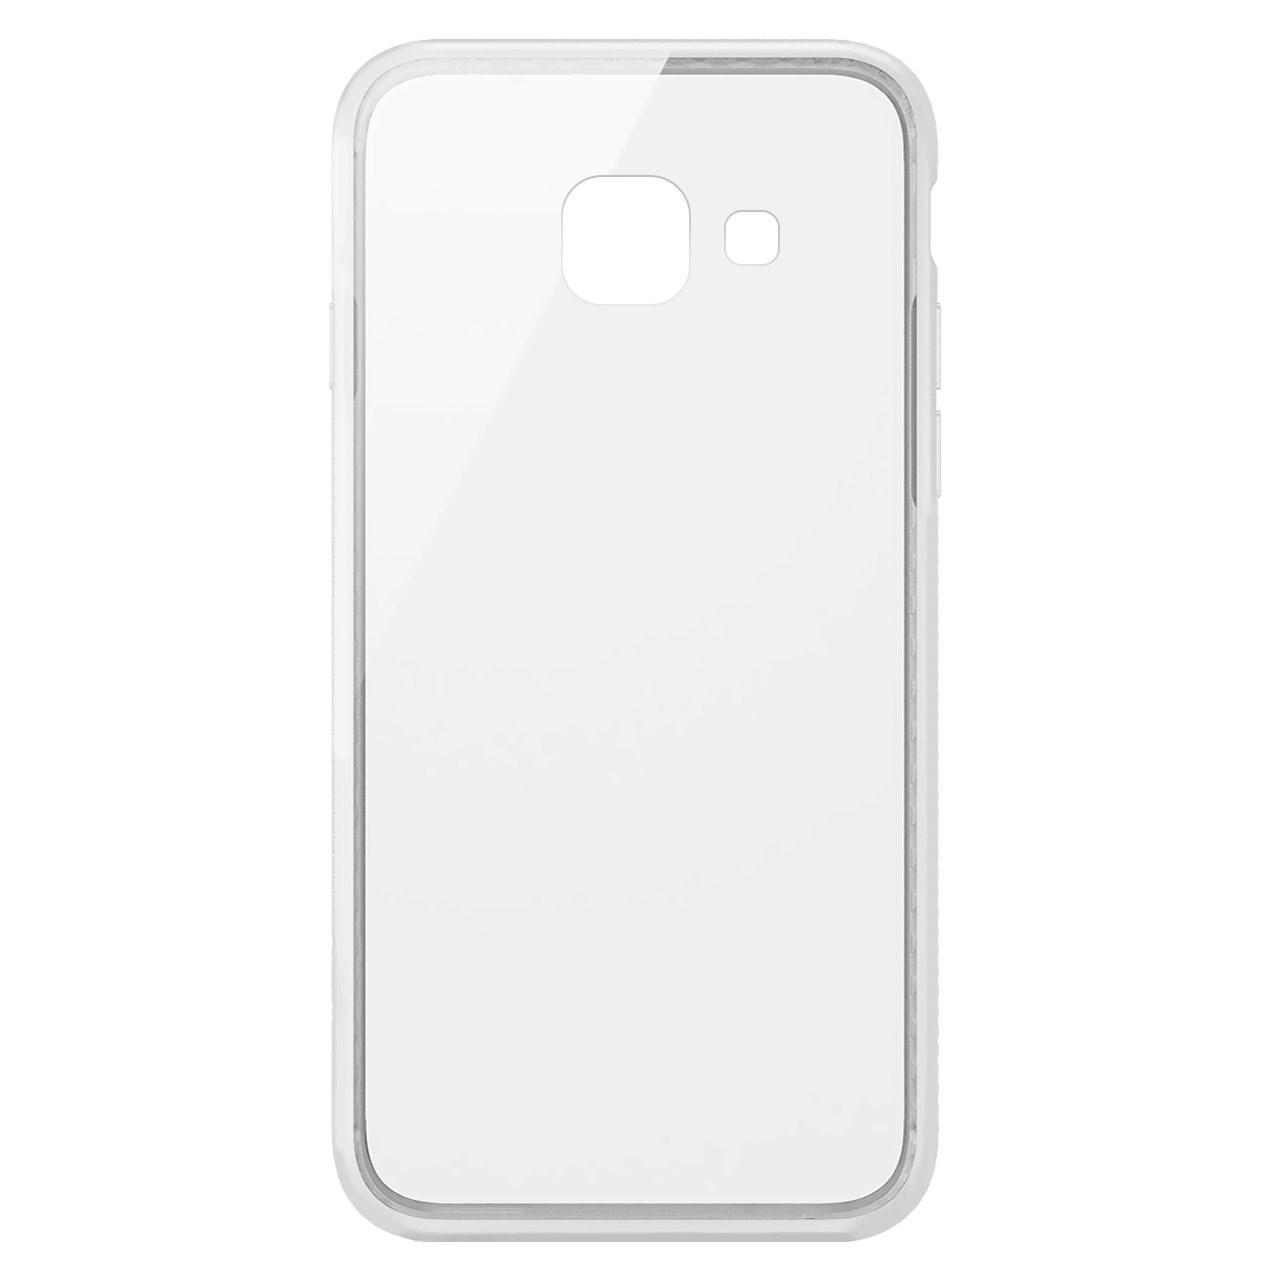 کاور مدل ColorLessTPU مناسب برای گوشی موبایل سامسونگ گلکسی A3 2016